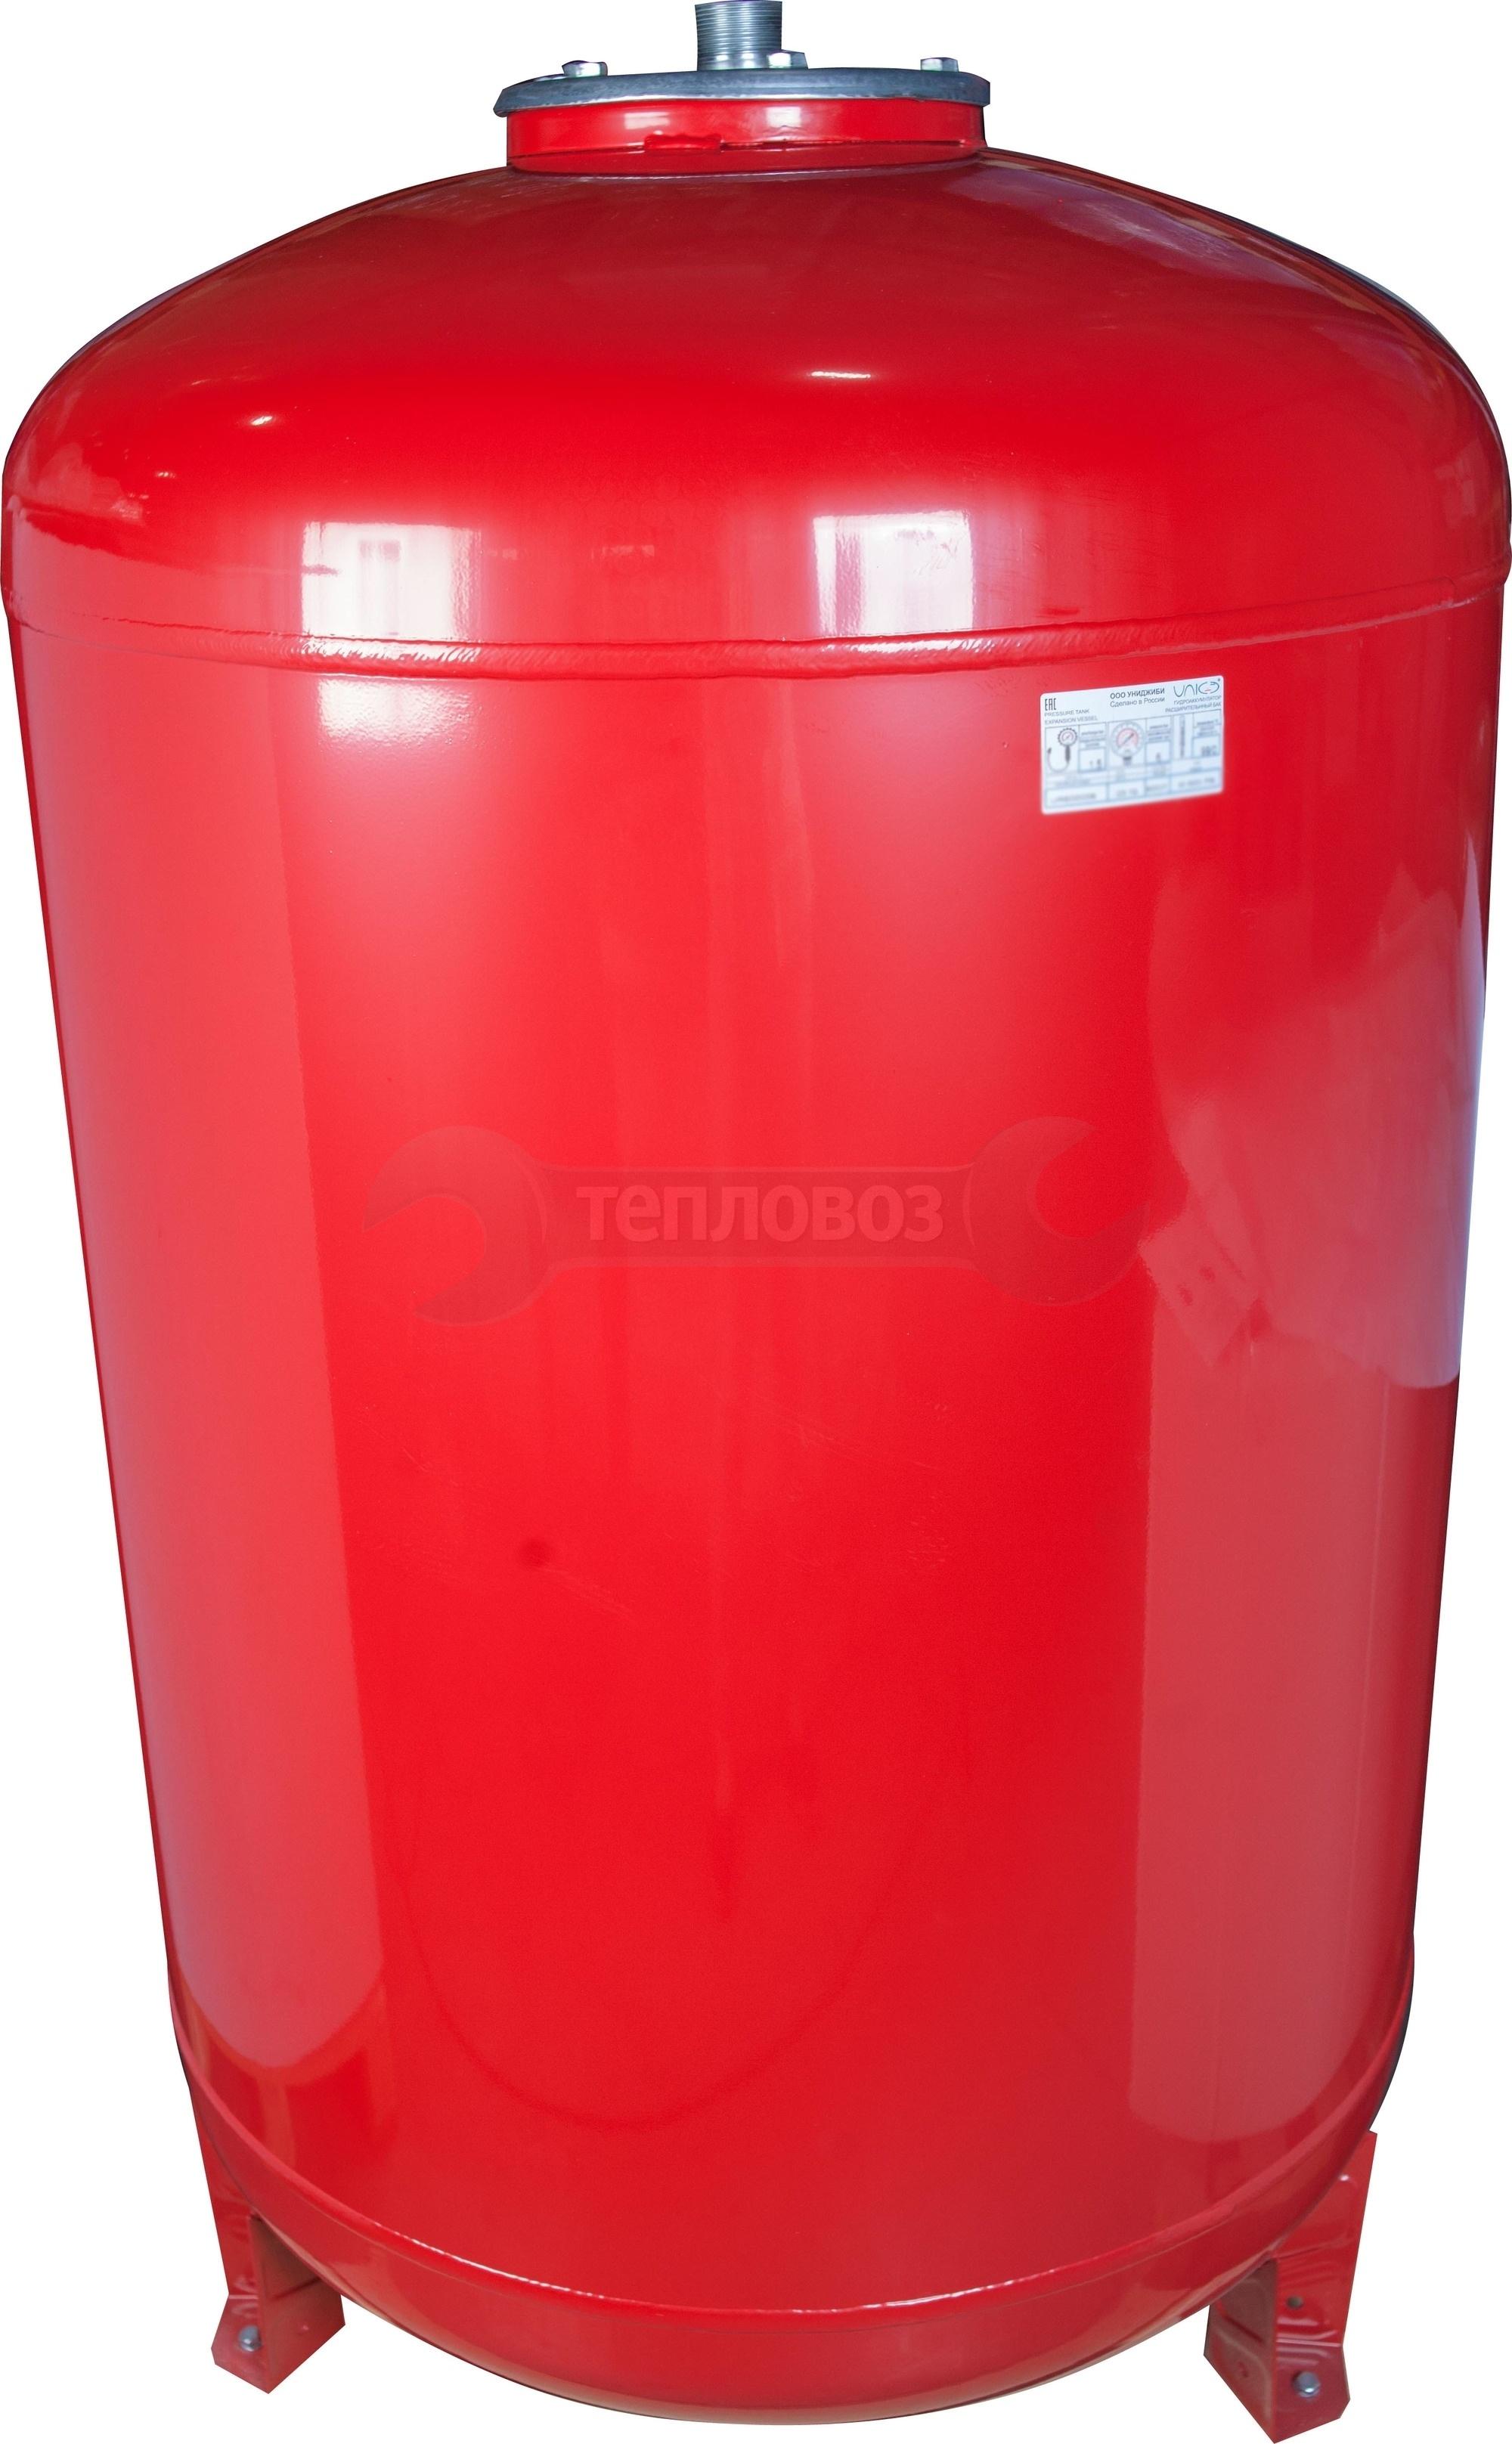 Купить Униджиби М500РВ 500 л вертикальный в интернет-магазине Дождь